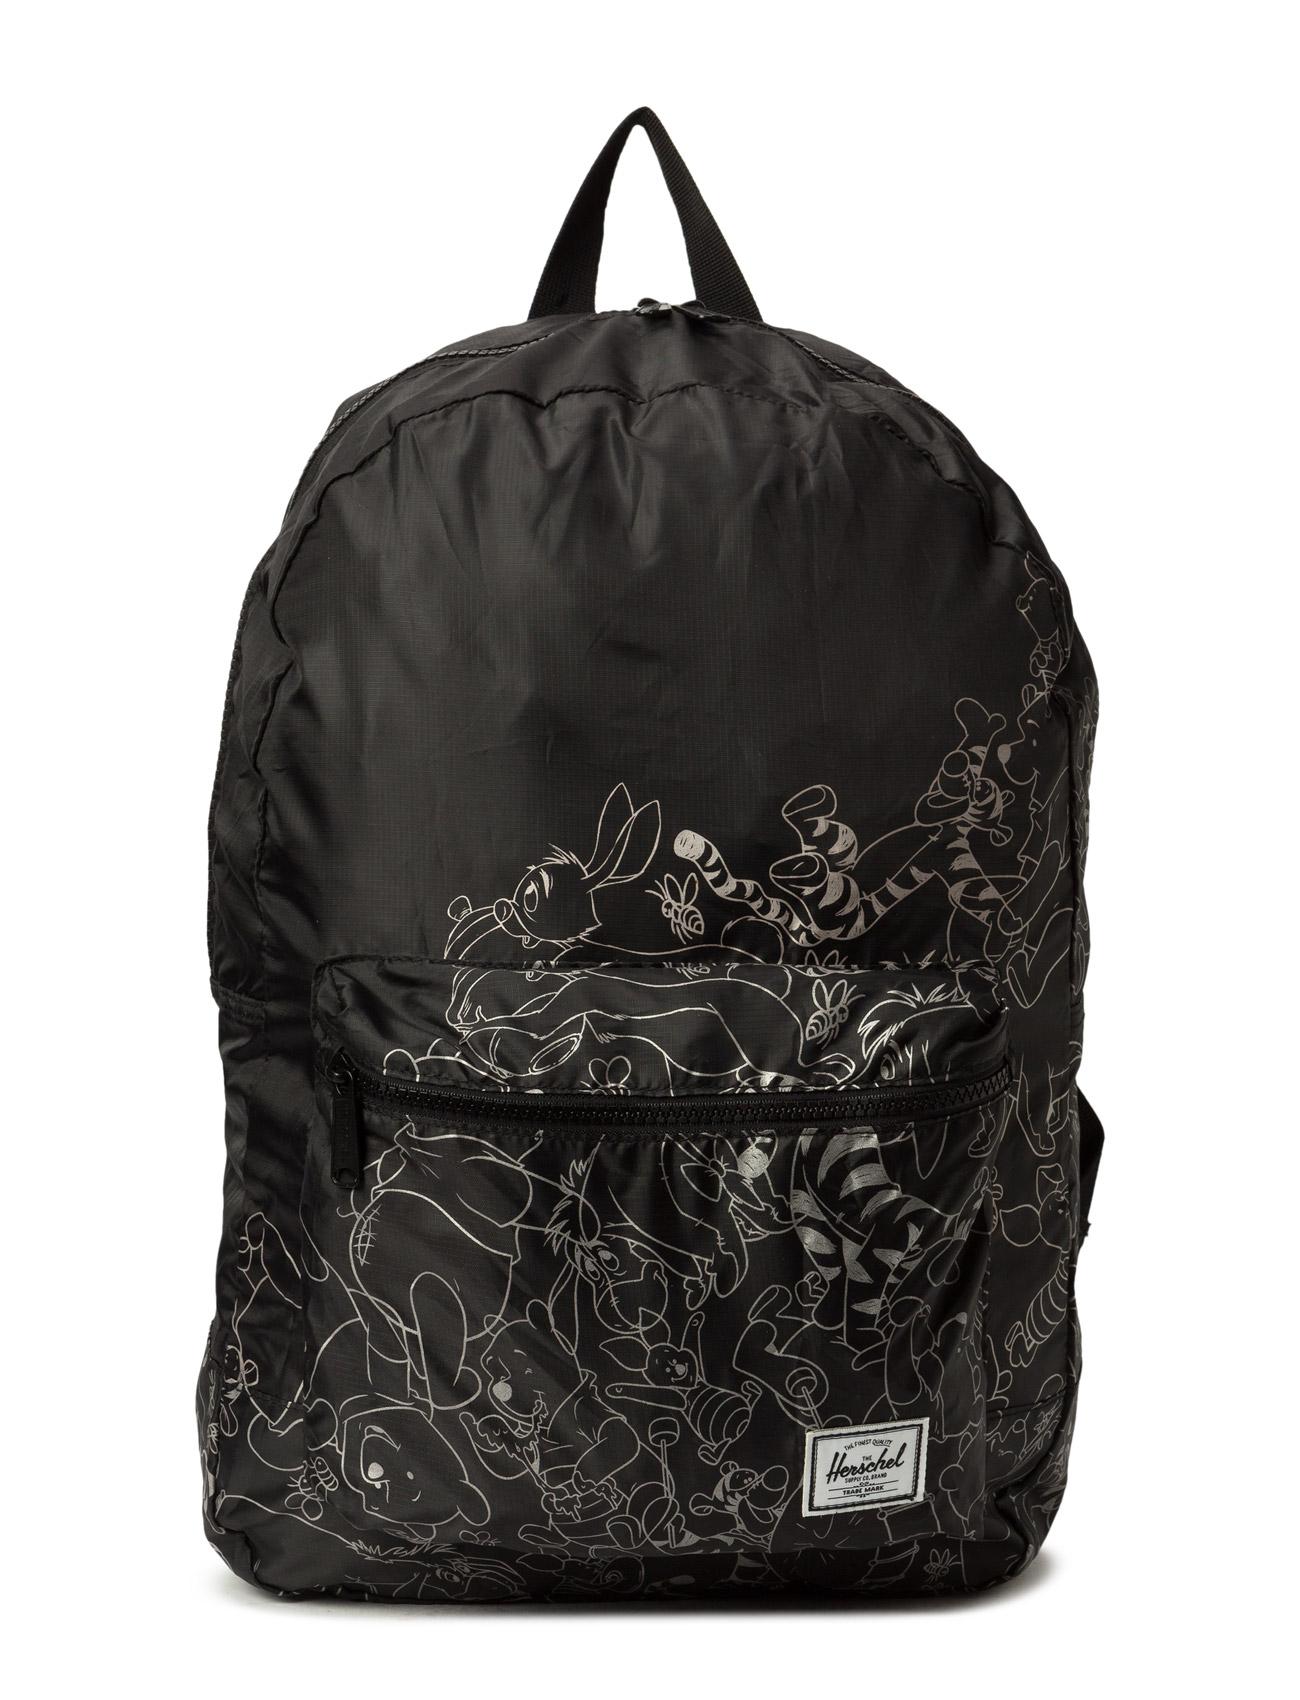 Packable Daypack  - Disney - Winnie The Pooh Herschel Rygsække til Herrer i